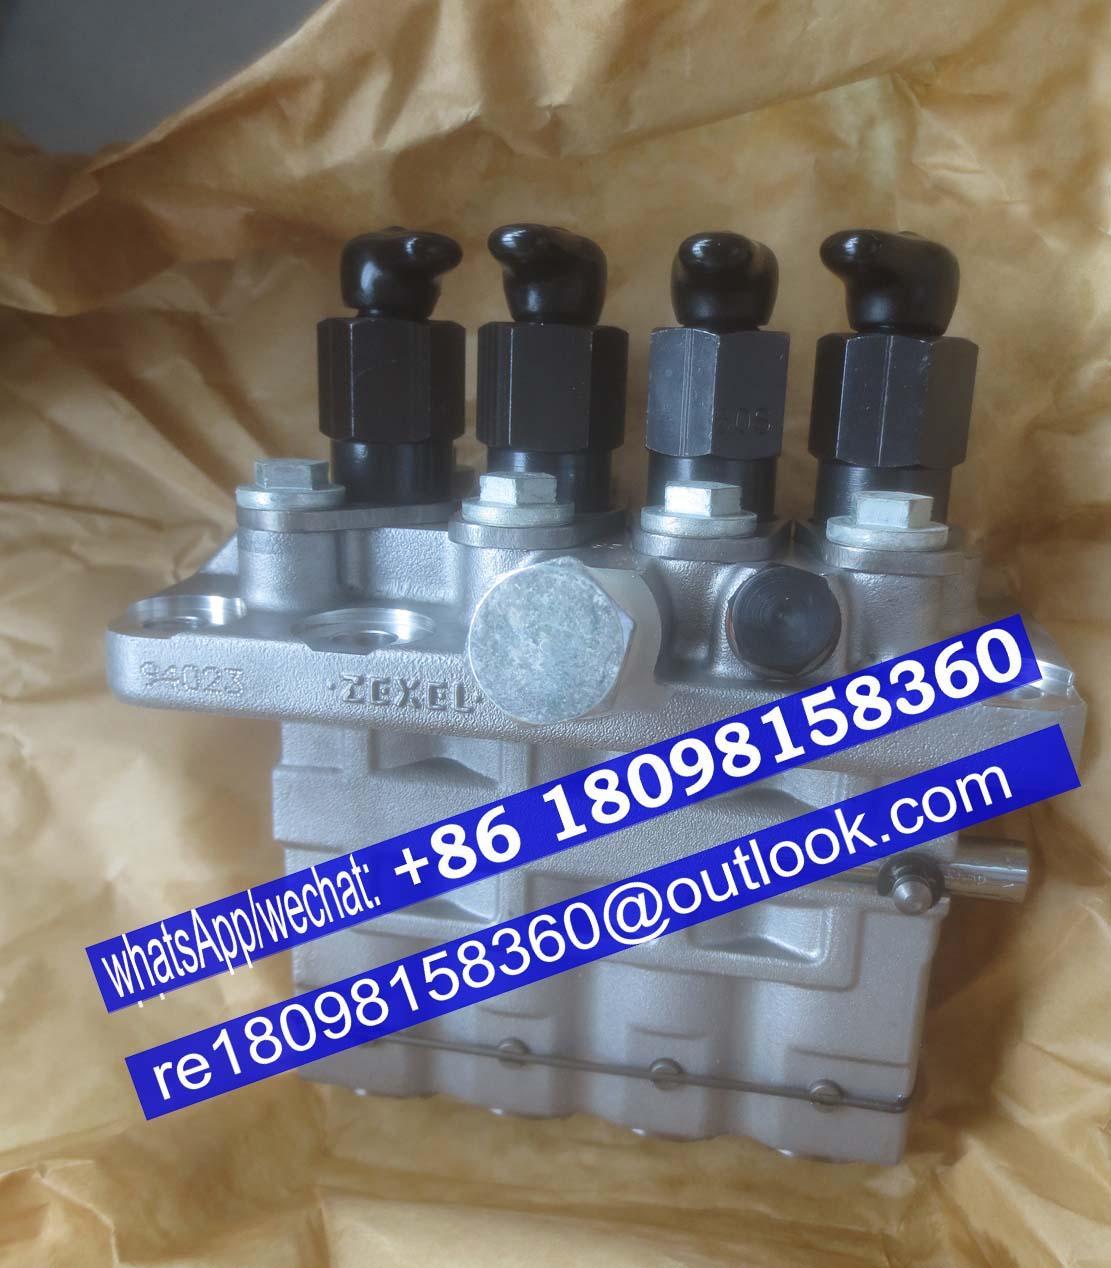 原裝正品Perkins珀帕金斯404 4缸發動機高壓油泵131010080 1